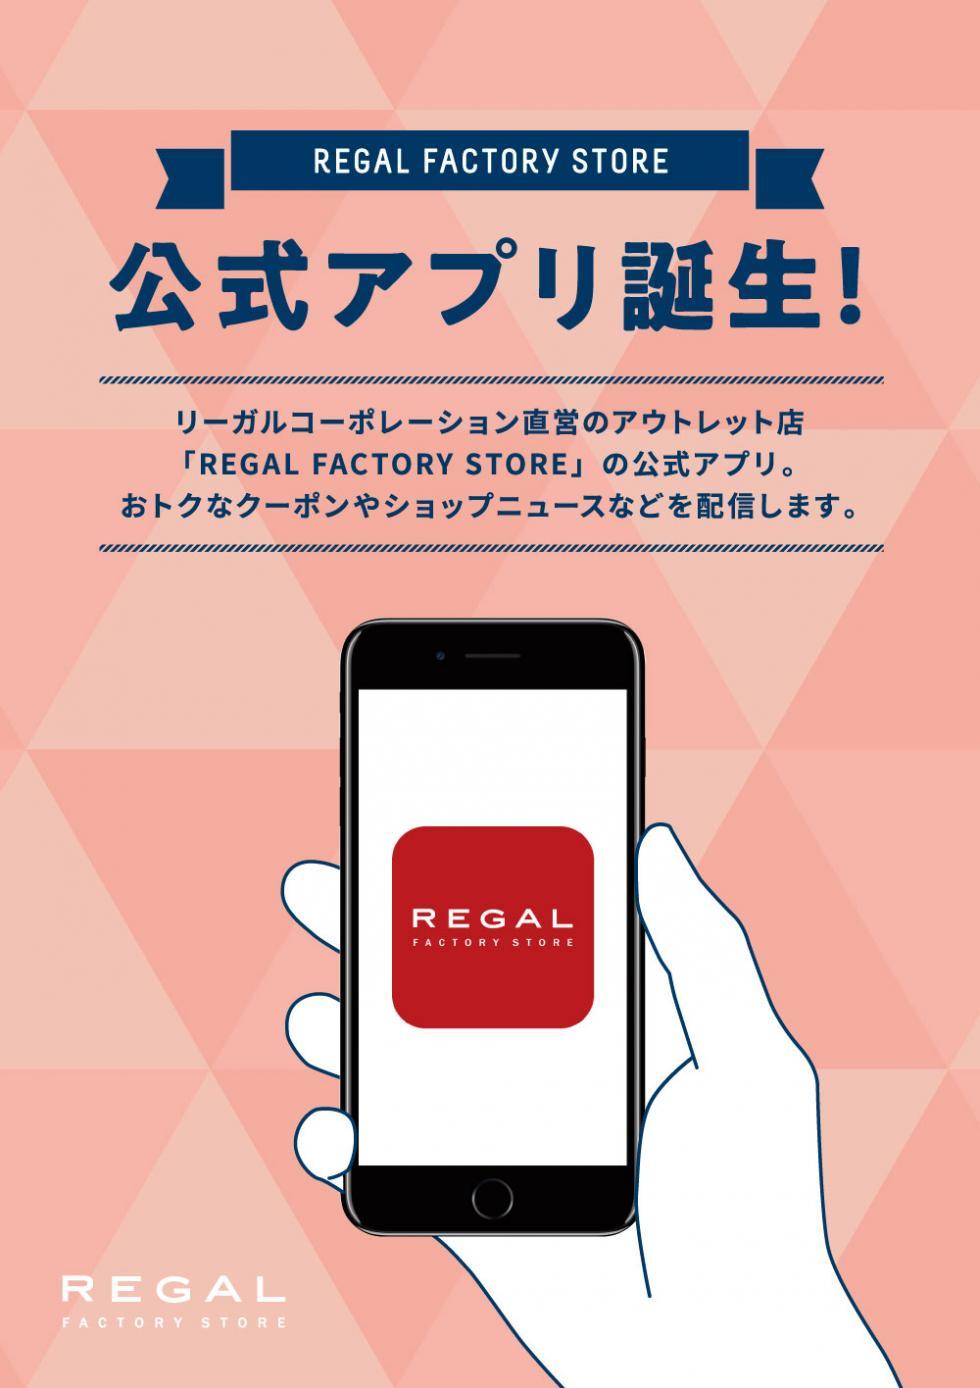 【 公式アプリ誕生! 】